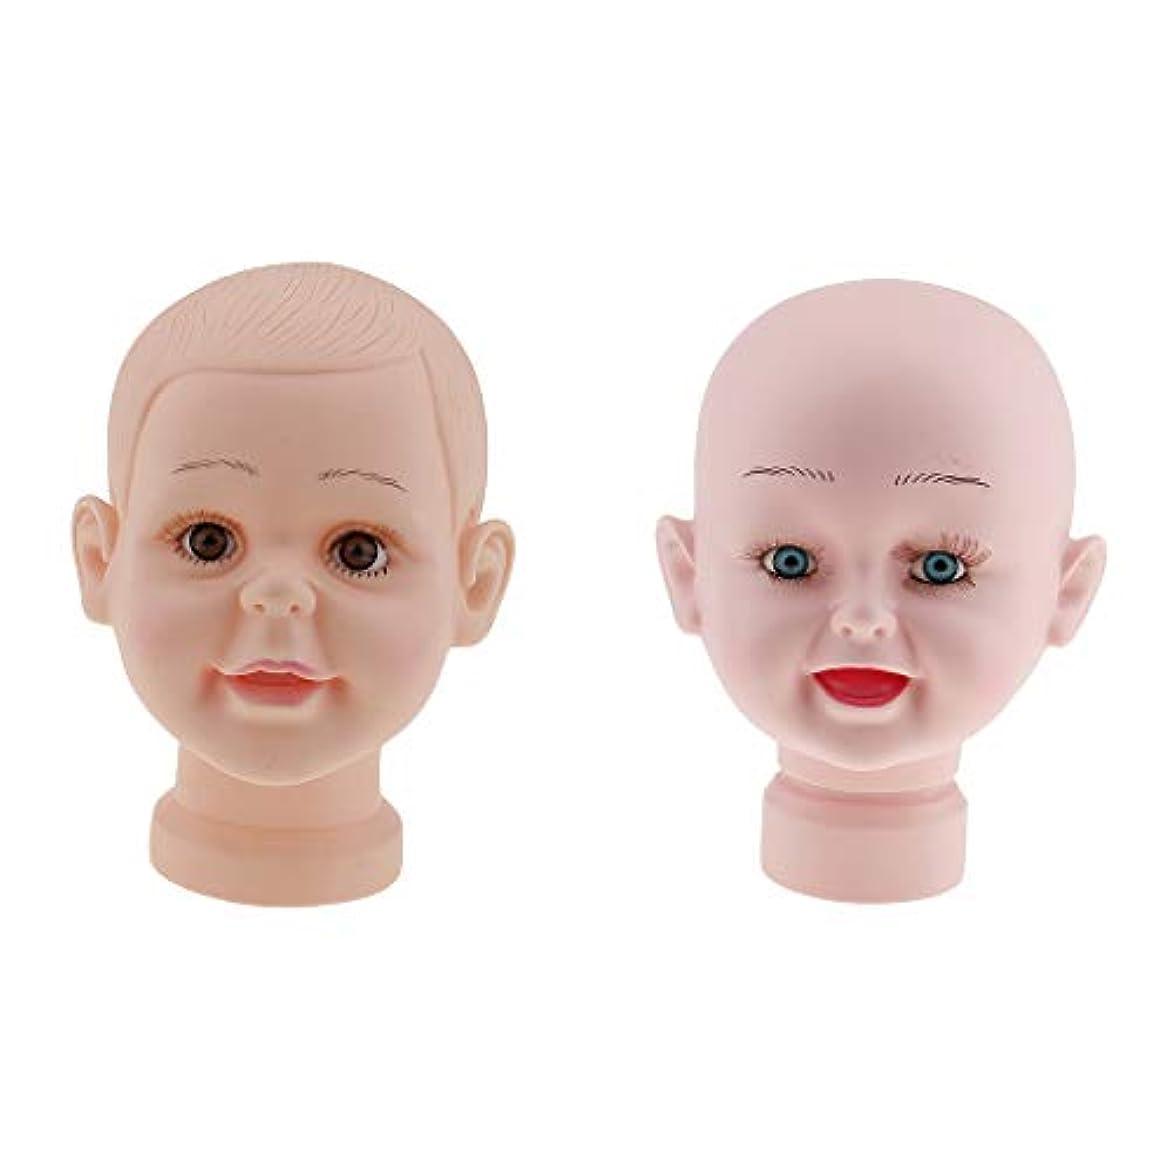 負荷パケット母音T TOOYFUL 子供マネキンヘッド 赤ちゃん チャイルドマネキンヘッド 肌色 頭部モデル かつら 帽子ディスプレイ